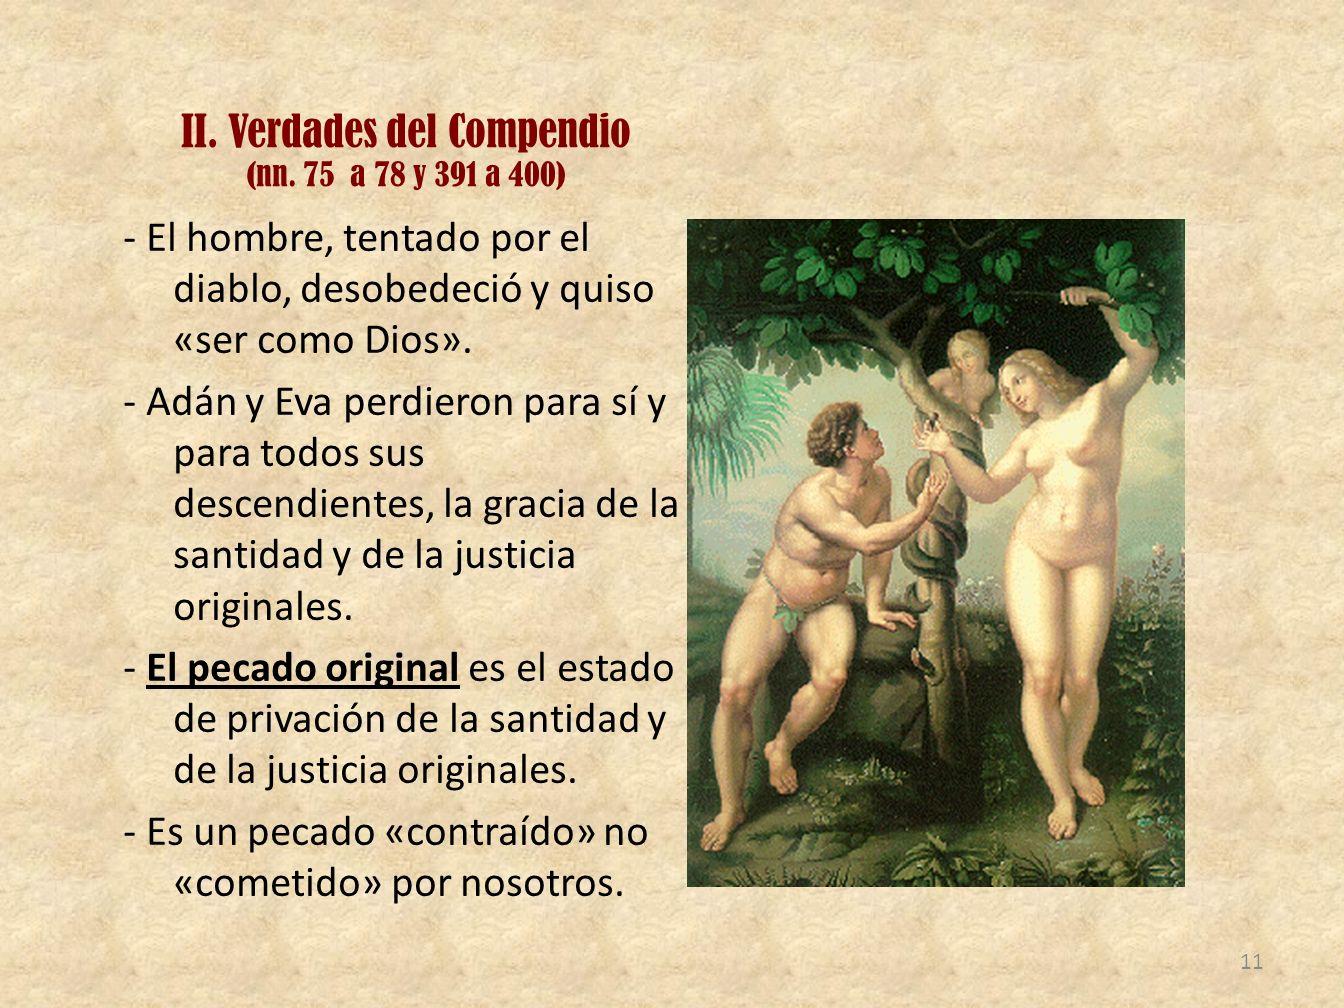 II. Verdades del Compendio (nn. 75 a 78 y 391 a 400)